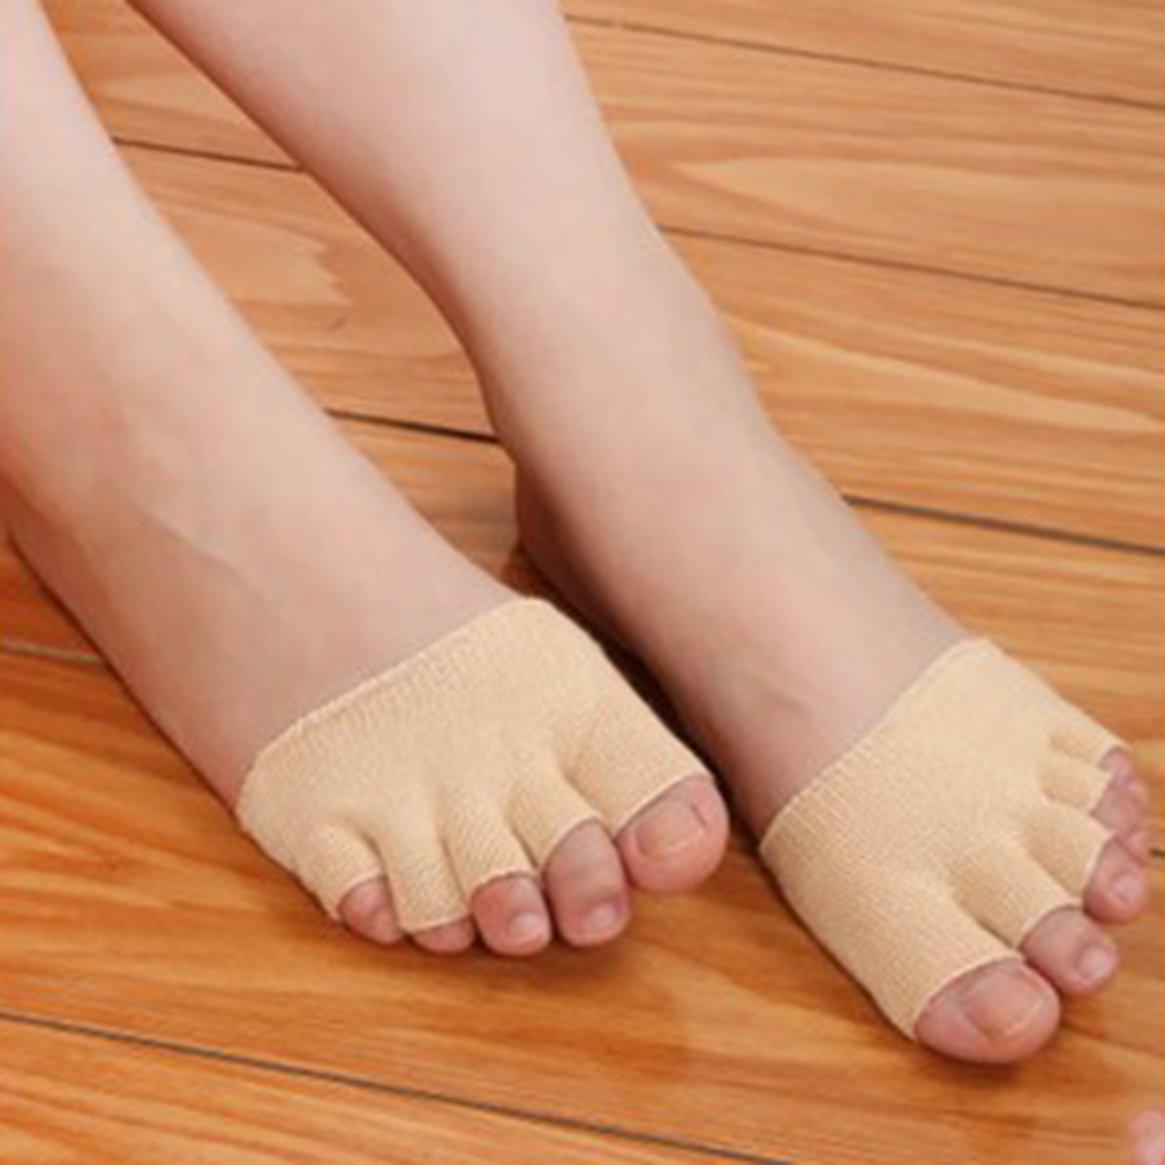 Donne ragazze antiscivolo sandali tacchi alti invisibile mezzo footie open toe lavorato a maglia a parte 5 dita calzini di assorbimento del sudore hot Delicacydex